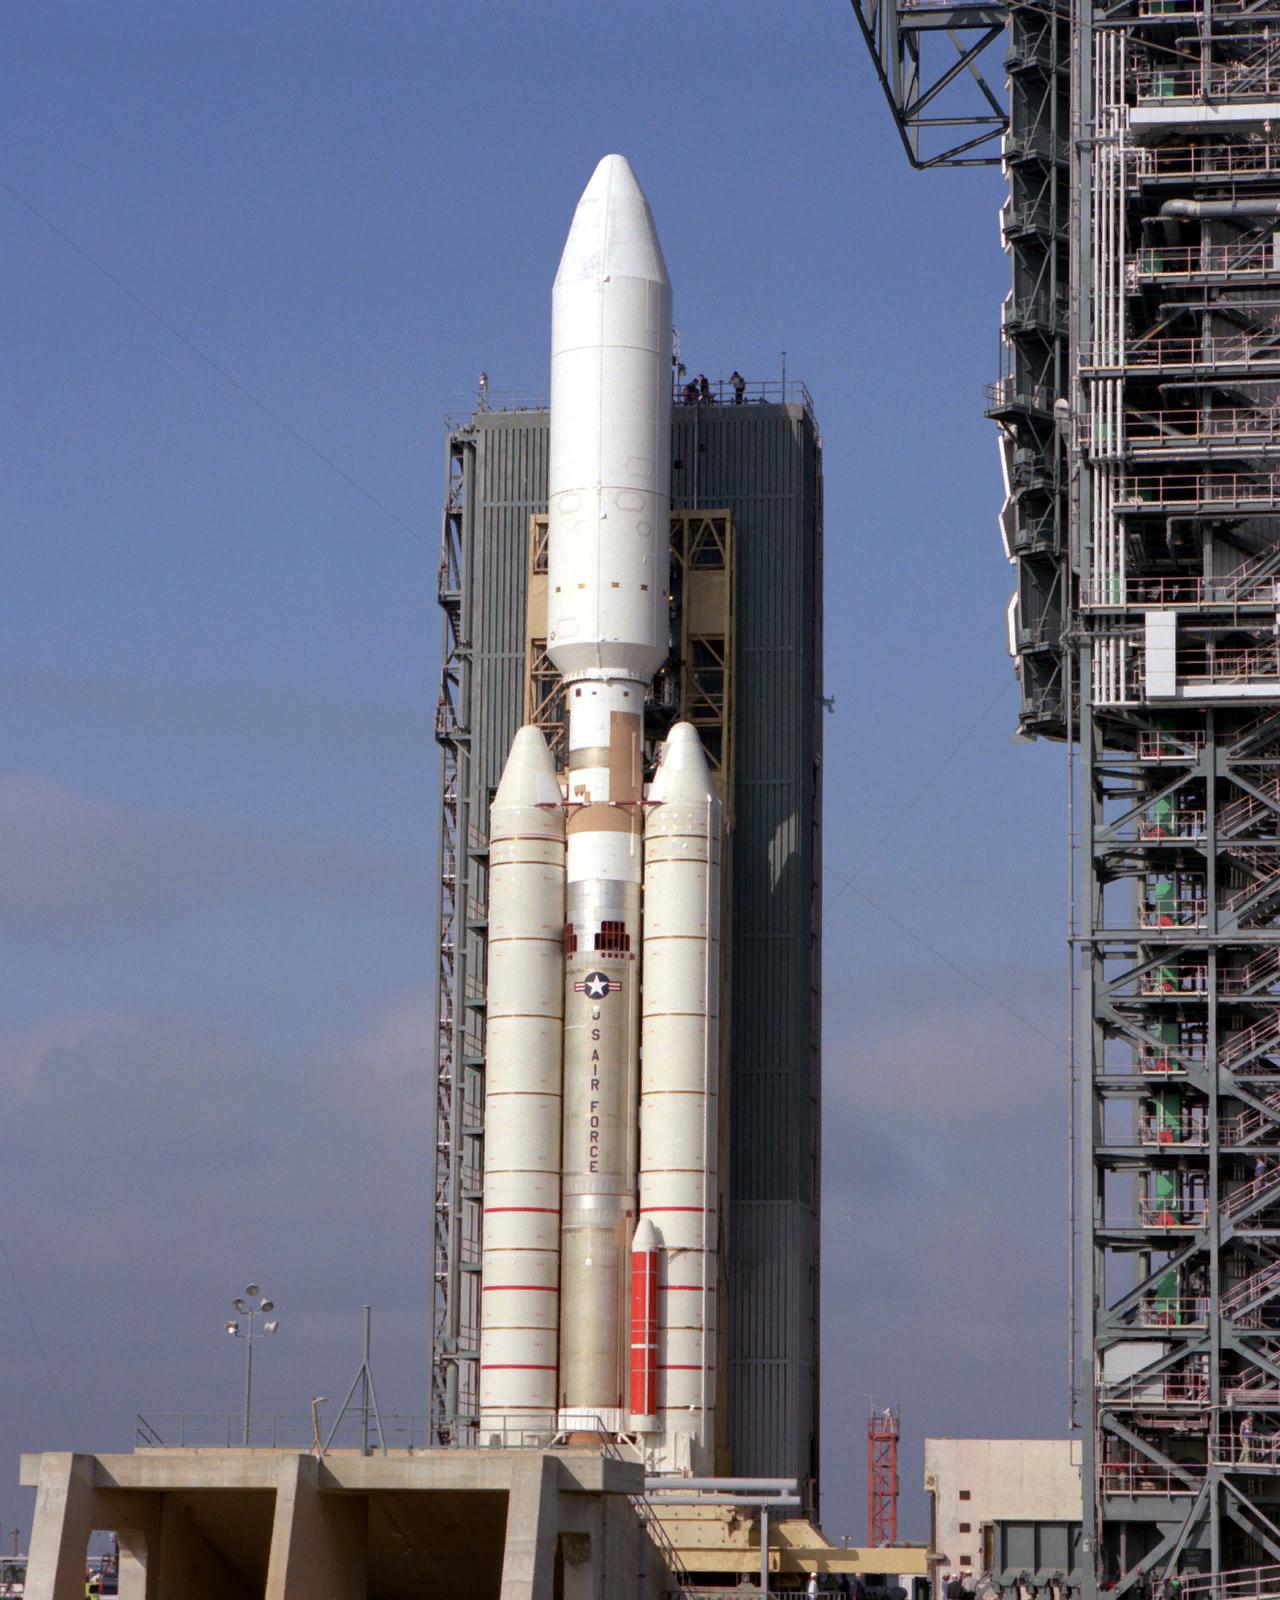 ракета Титан 4